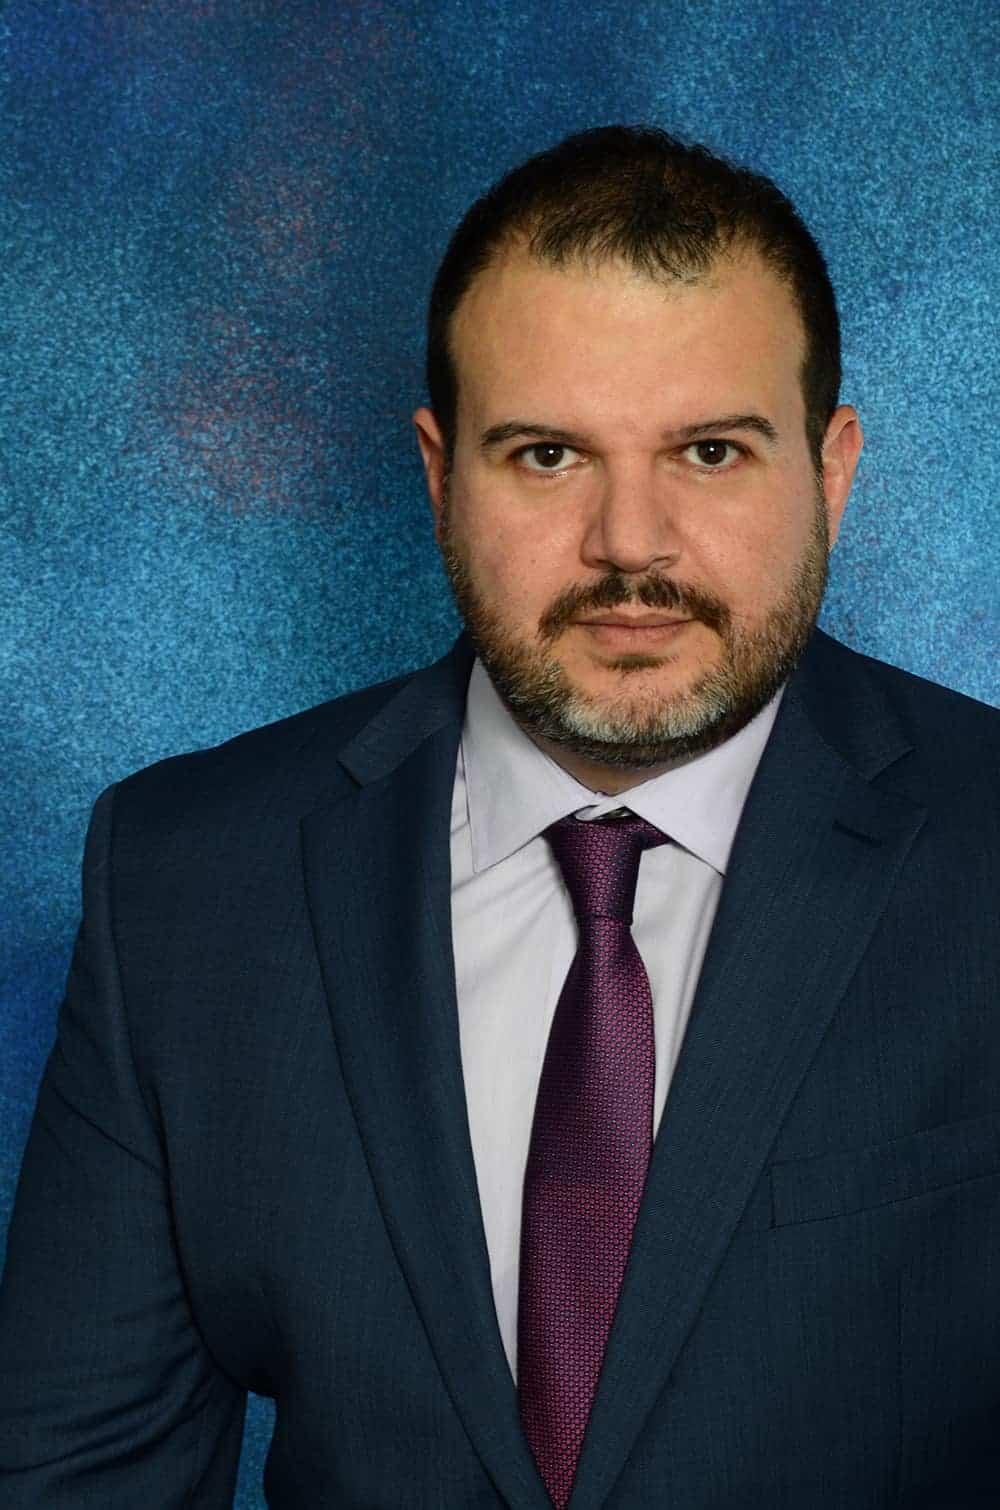 Diego Mendez